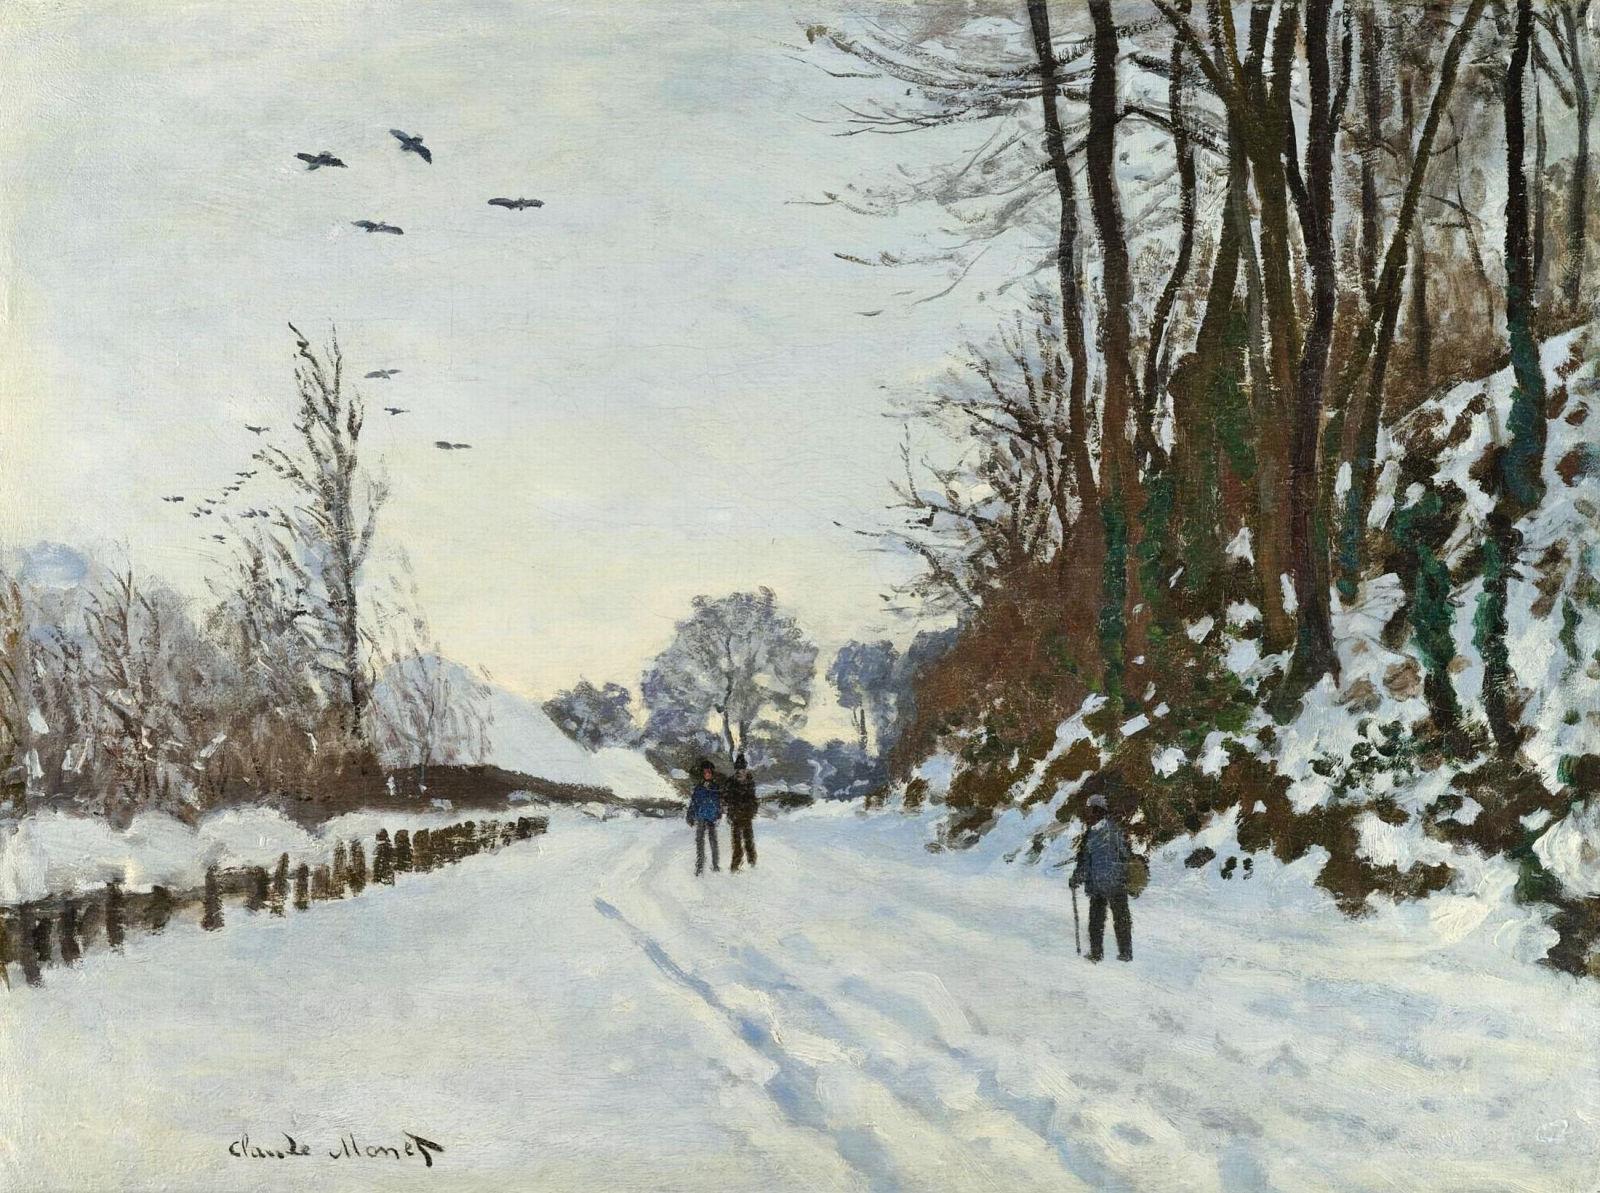 冬季通往圣西门农场的路